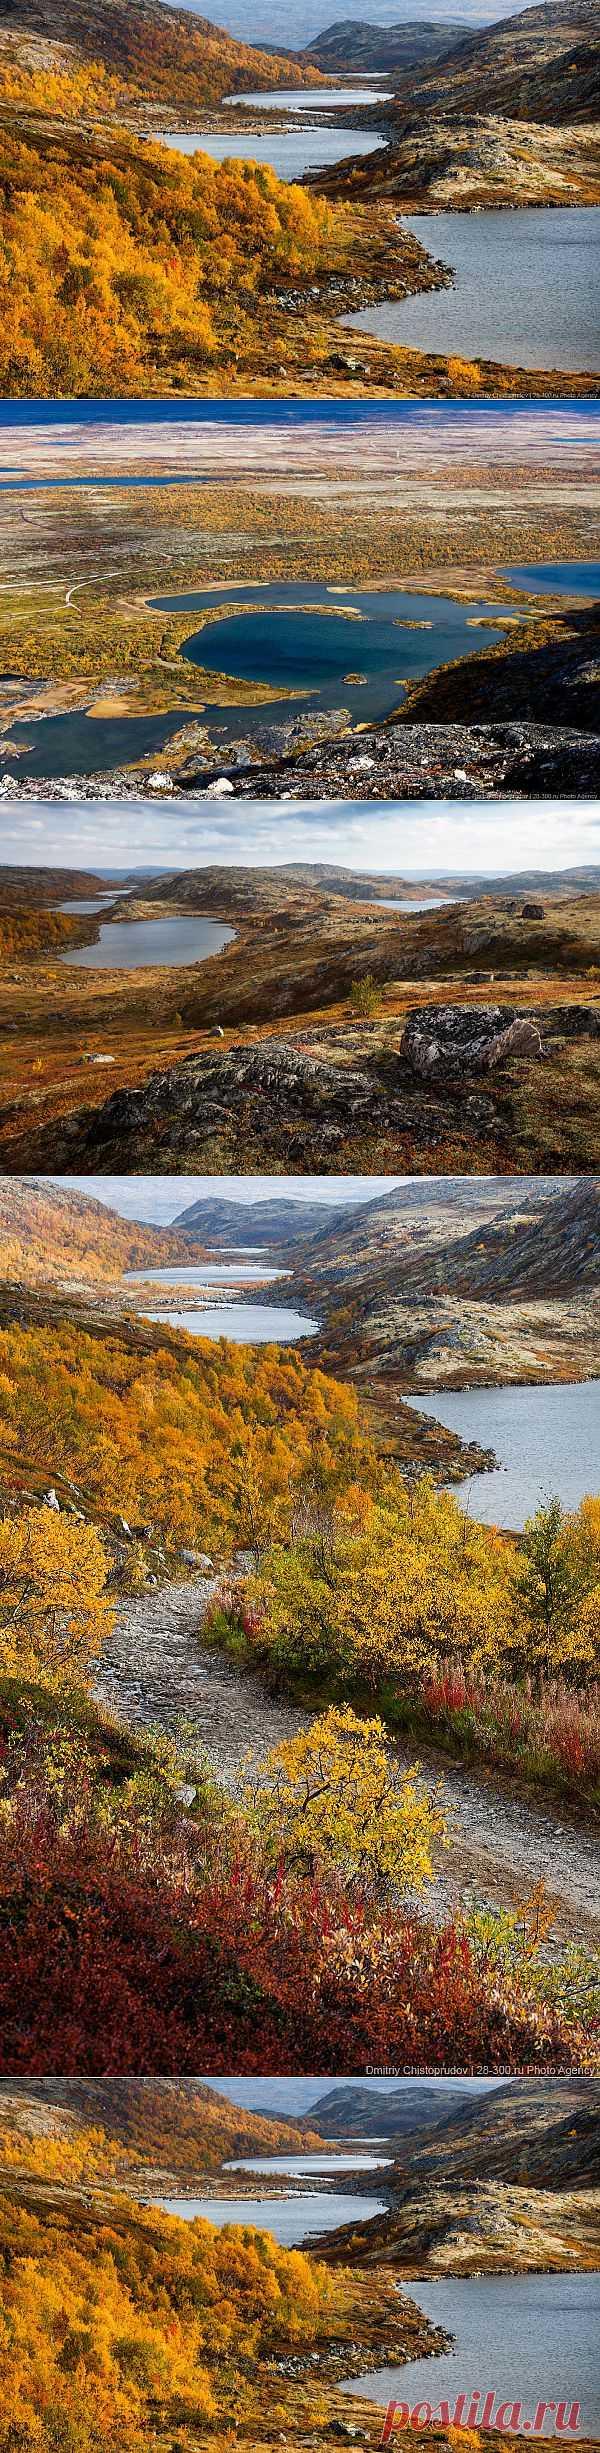 >> Золотая осень на Кольском полуострове. Дорога домой   ФОТО НОВОСТИ